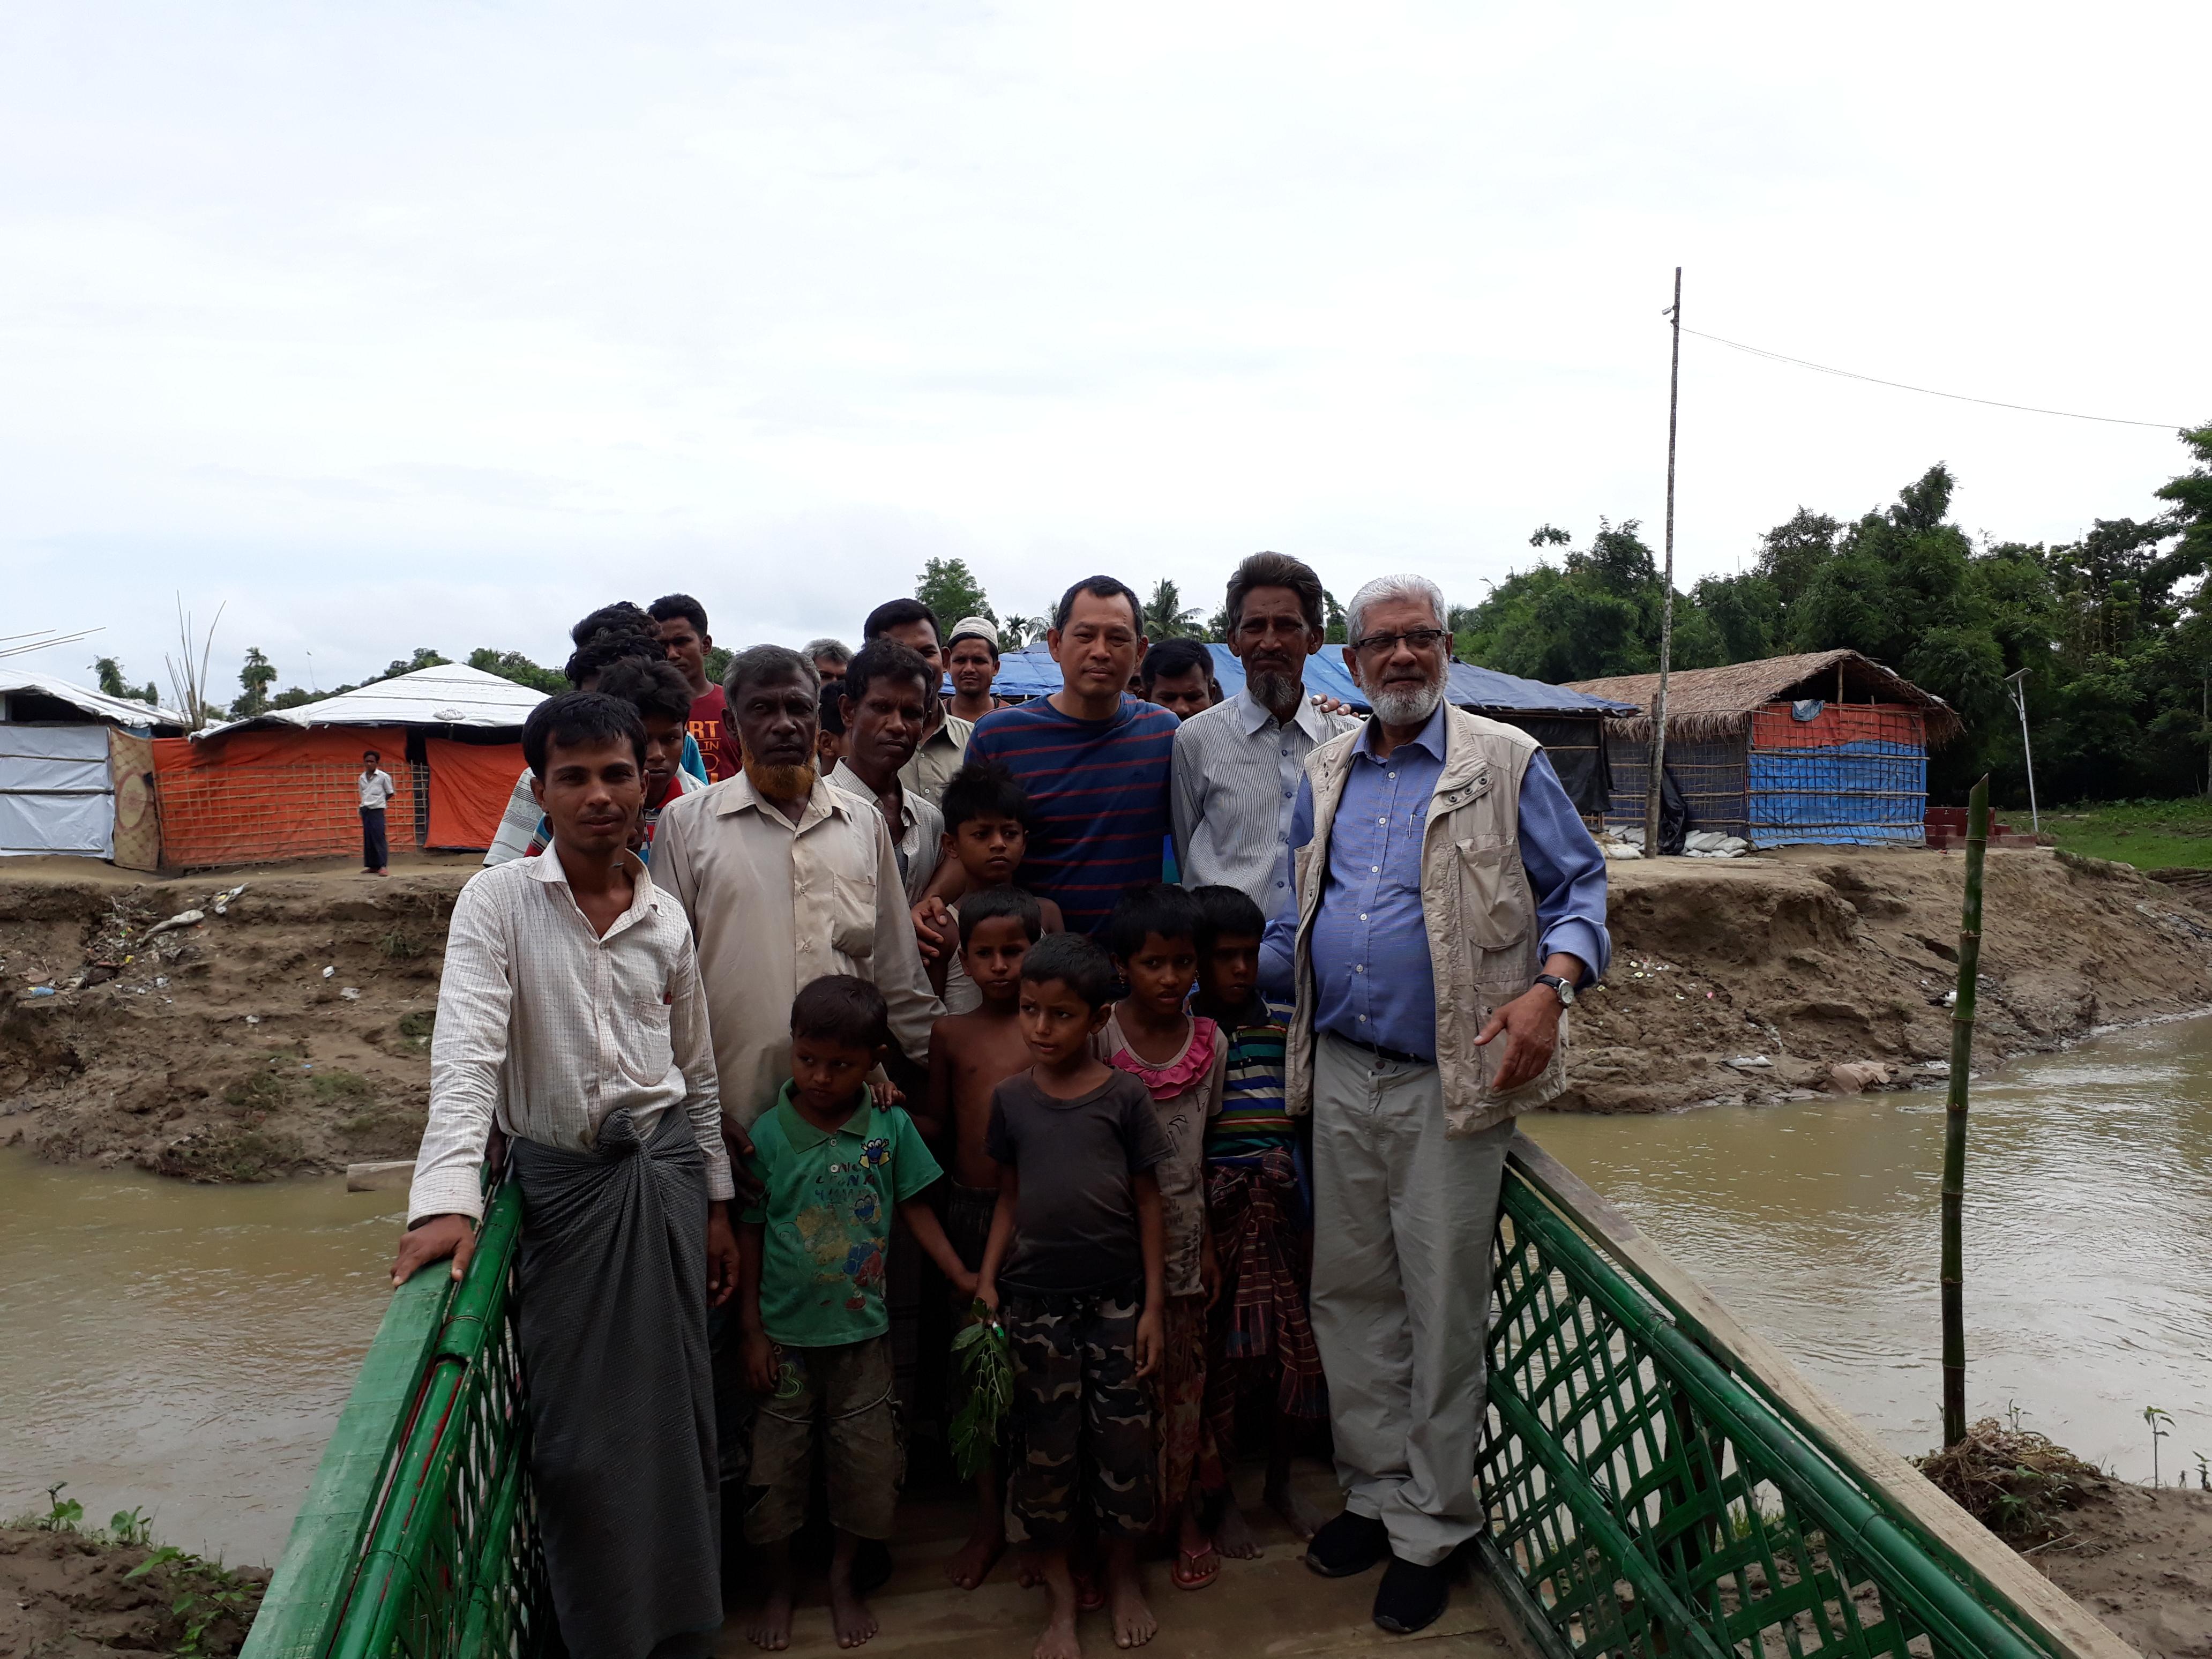 Sur la passerelle du No Man's Land - Camp de réfugiés de Rohingya